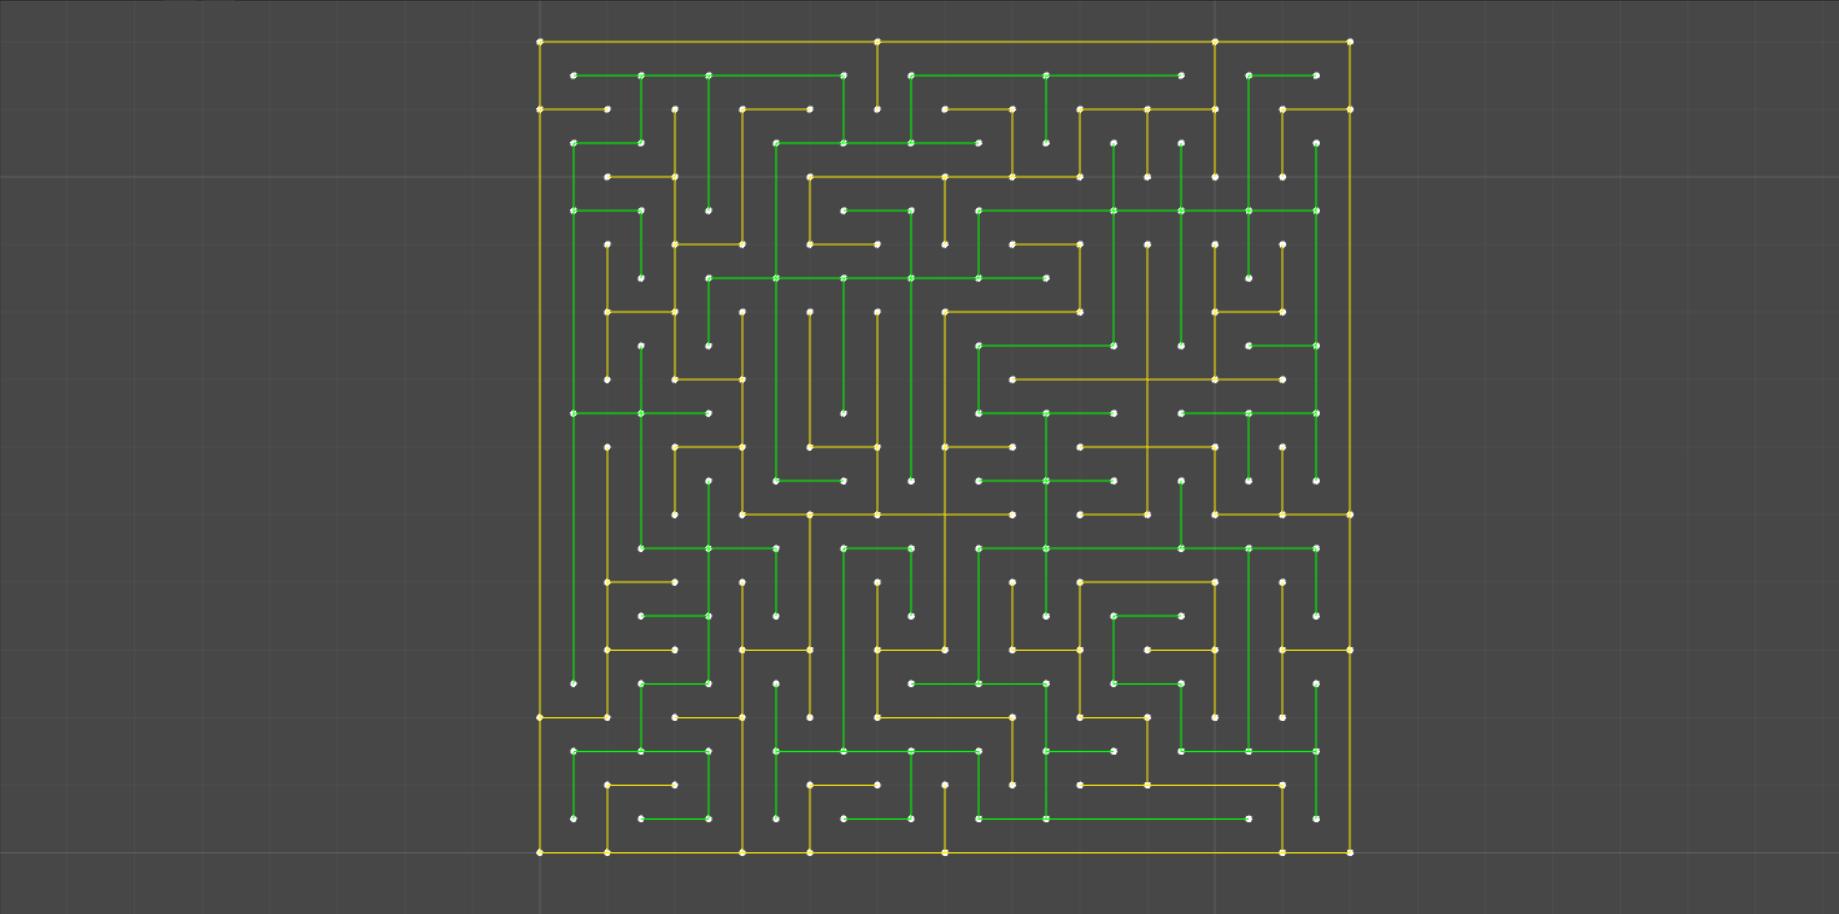 Генерация лабиринта алгоритмом Эллера в Unity - 3